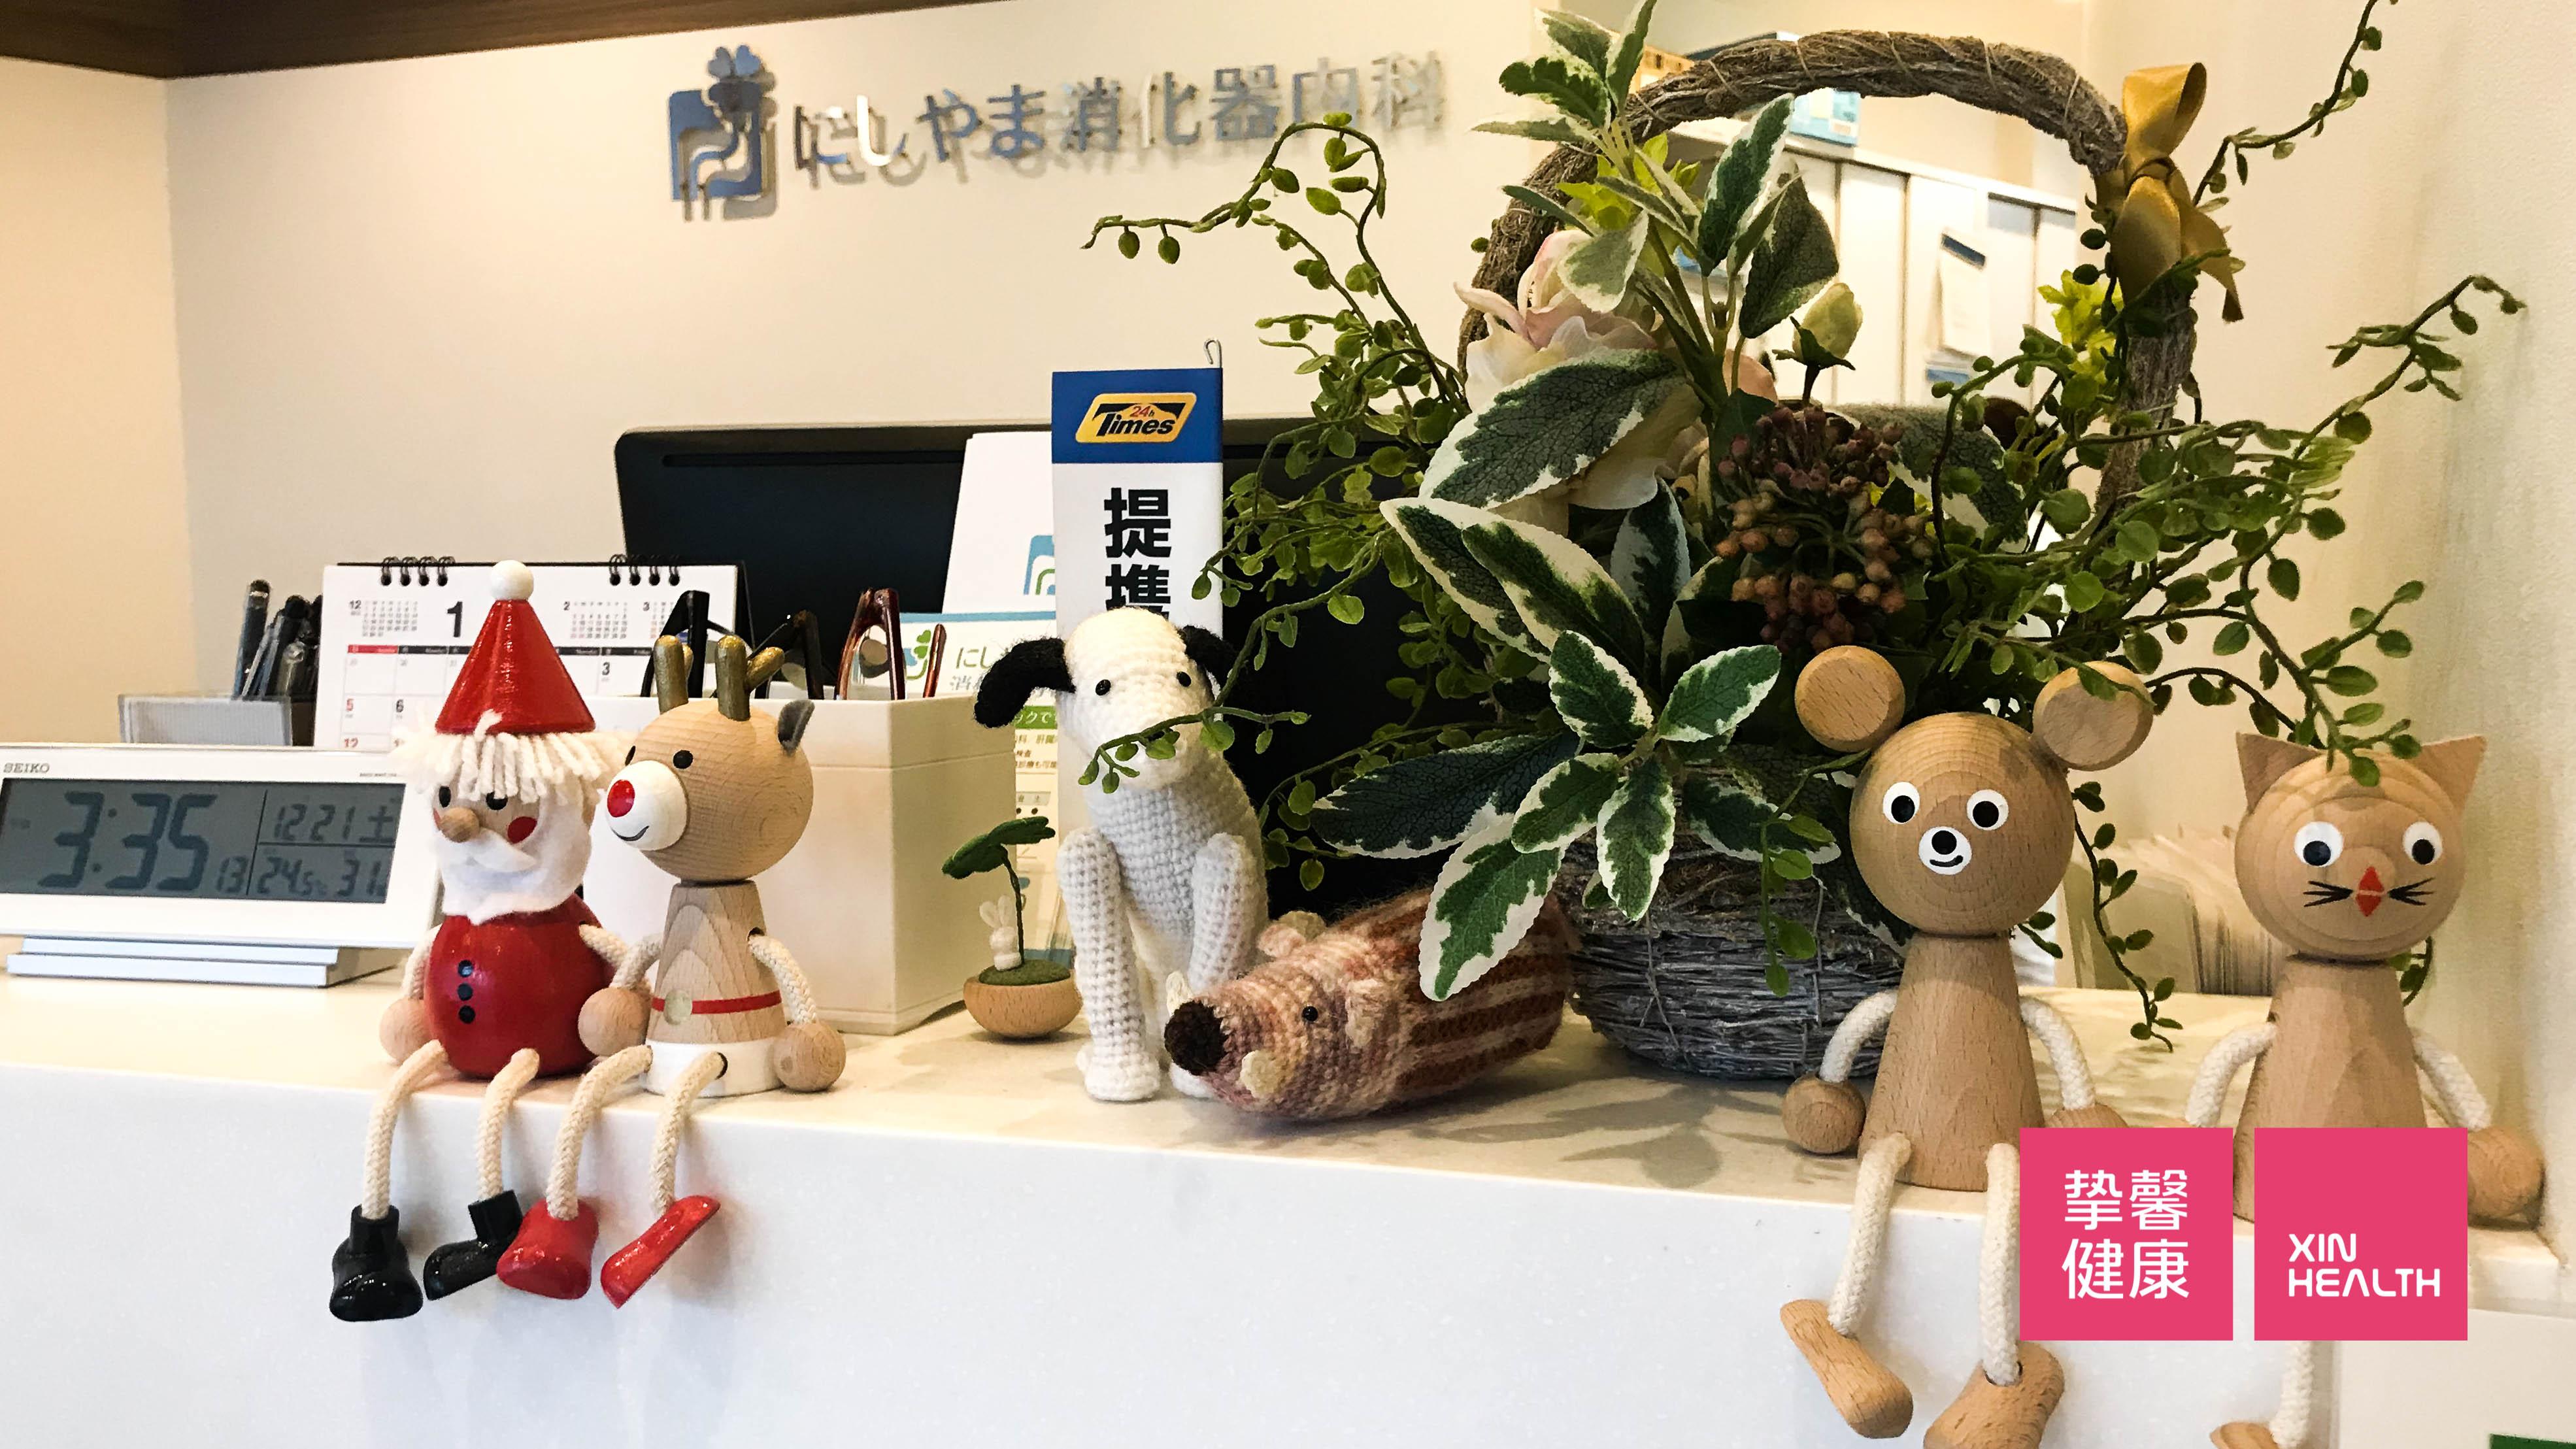 日本高级体检 肠镜检查医院前台